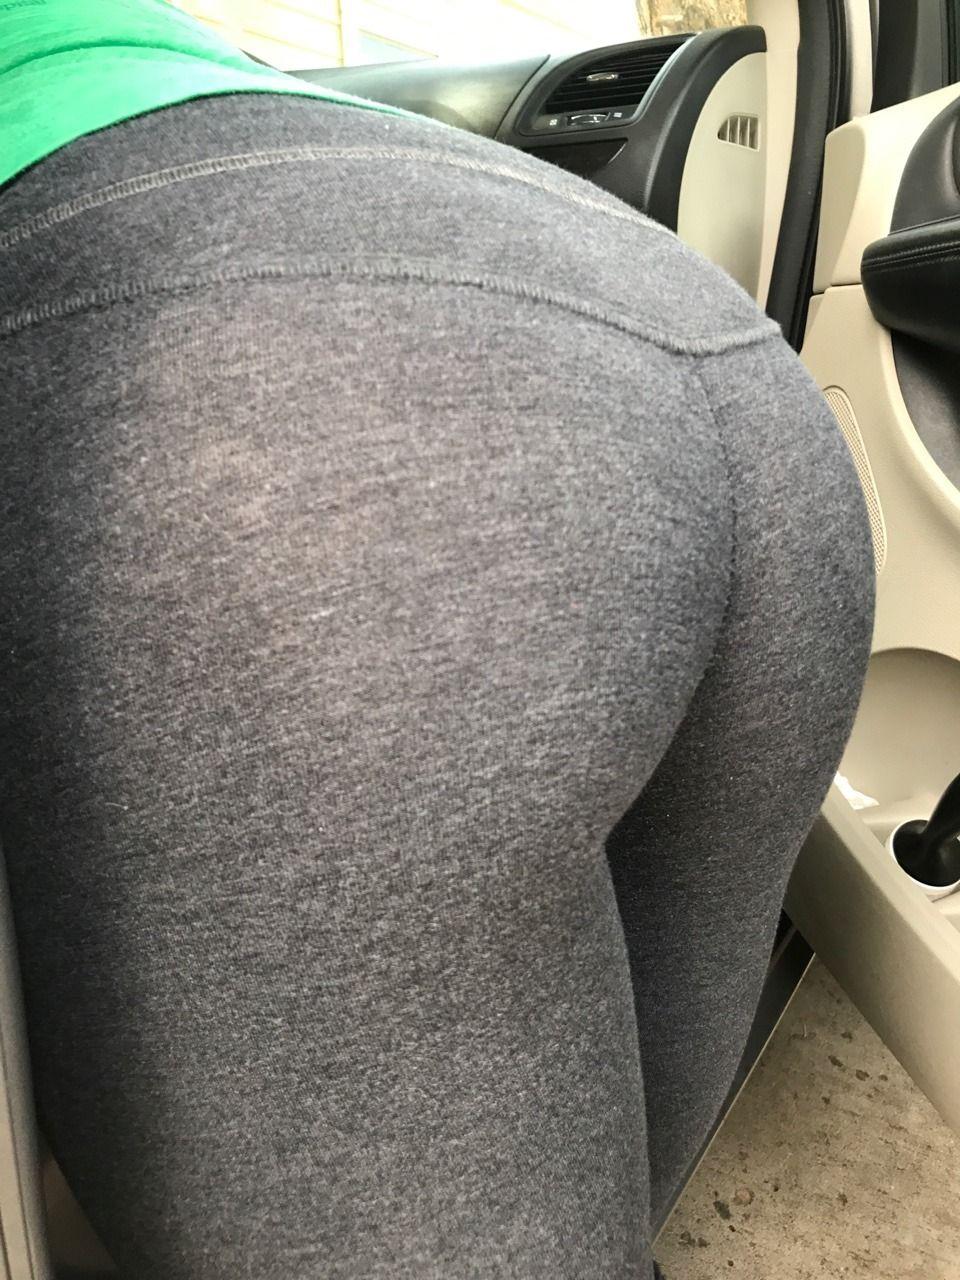 Candid bent over ass